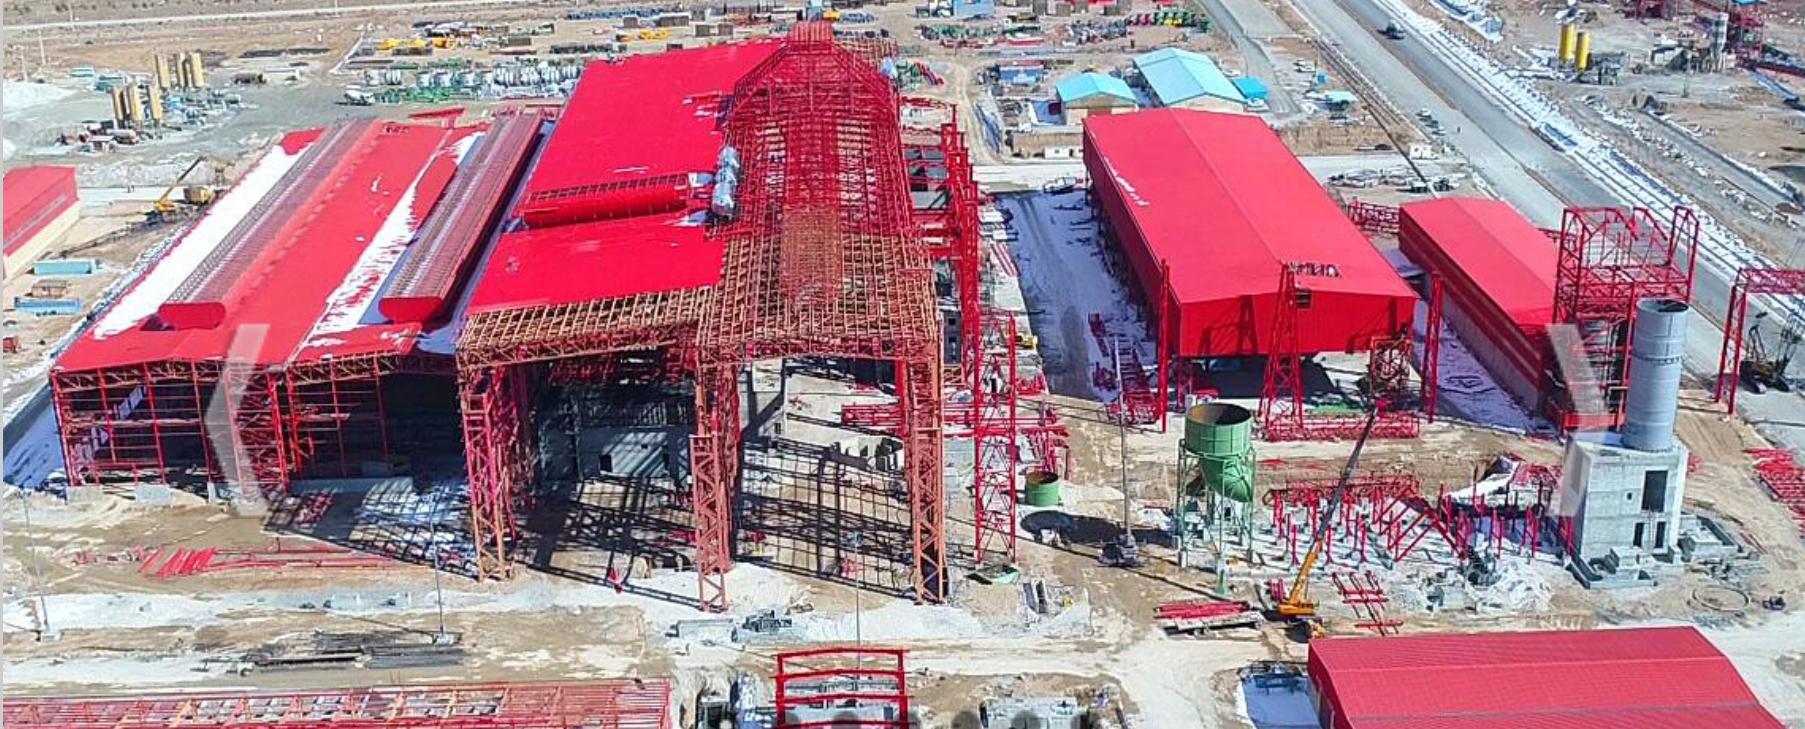 بومی سازی بخش اعظم تجهیزات واحد آهن اسفنجی/ با کمک سازندگان داخلی واحد فولادسازی را راه اندازی می کنیم